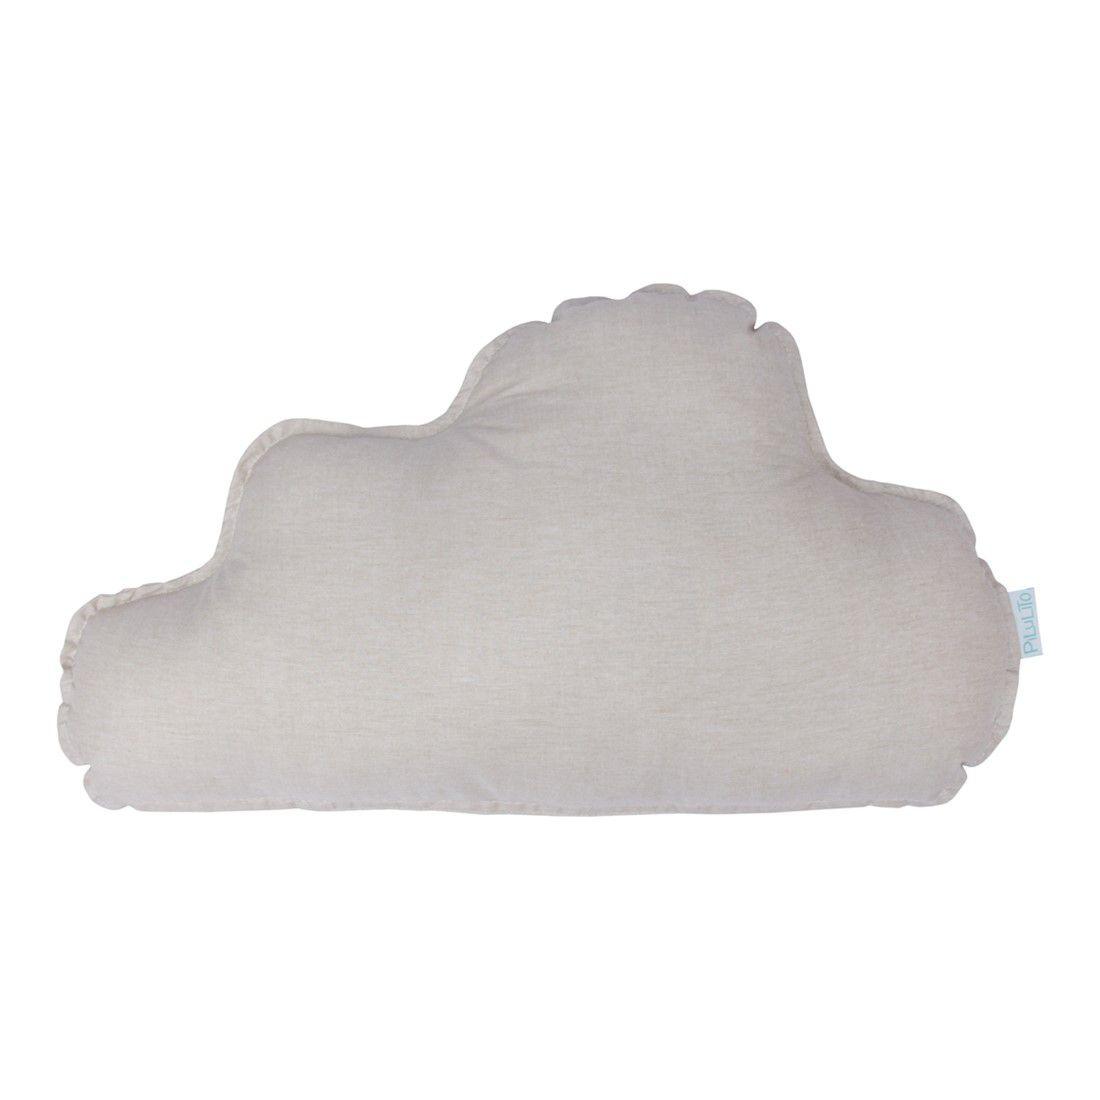 Almofada nuvem grande linho